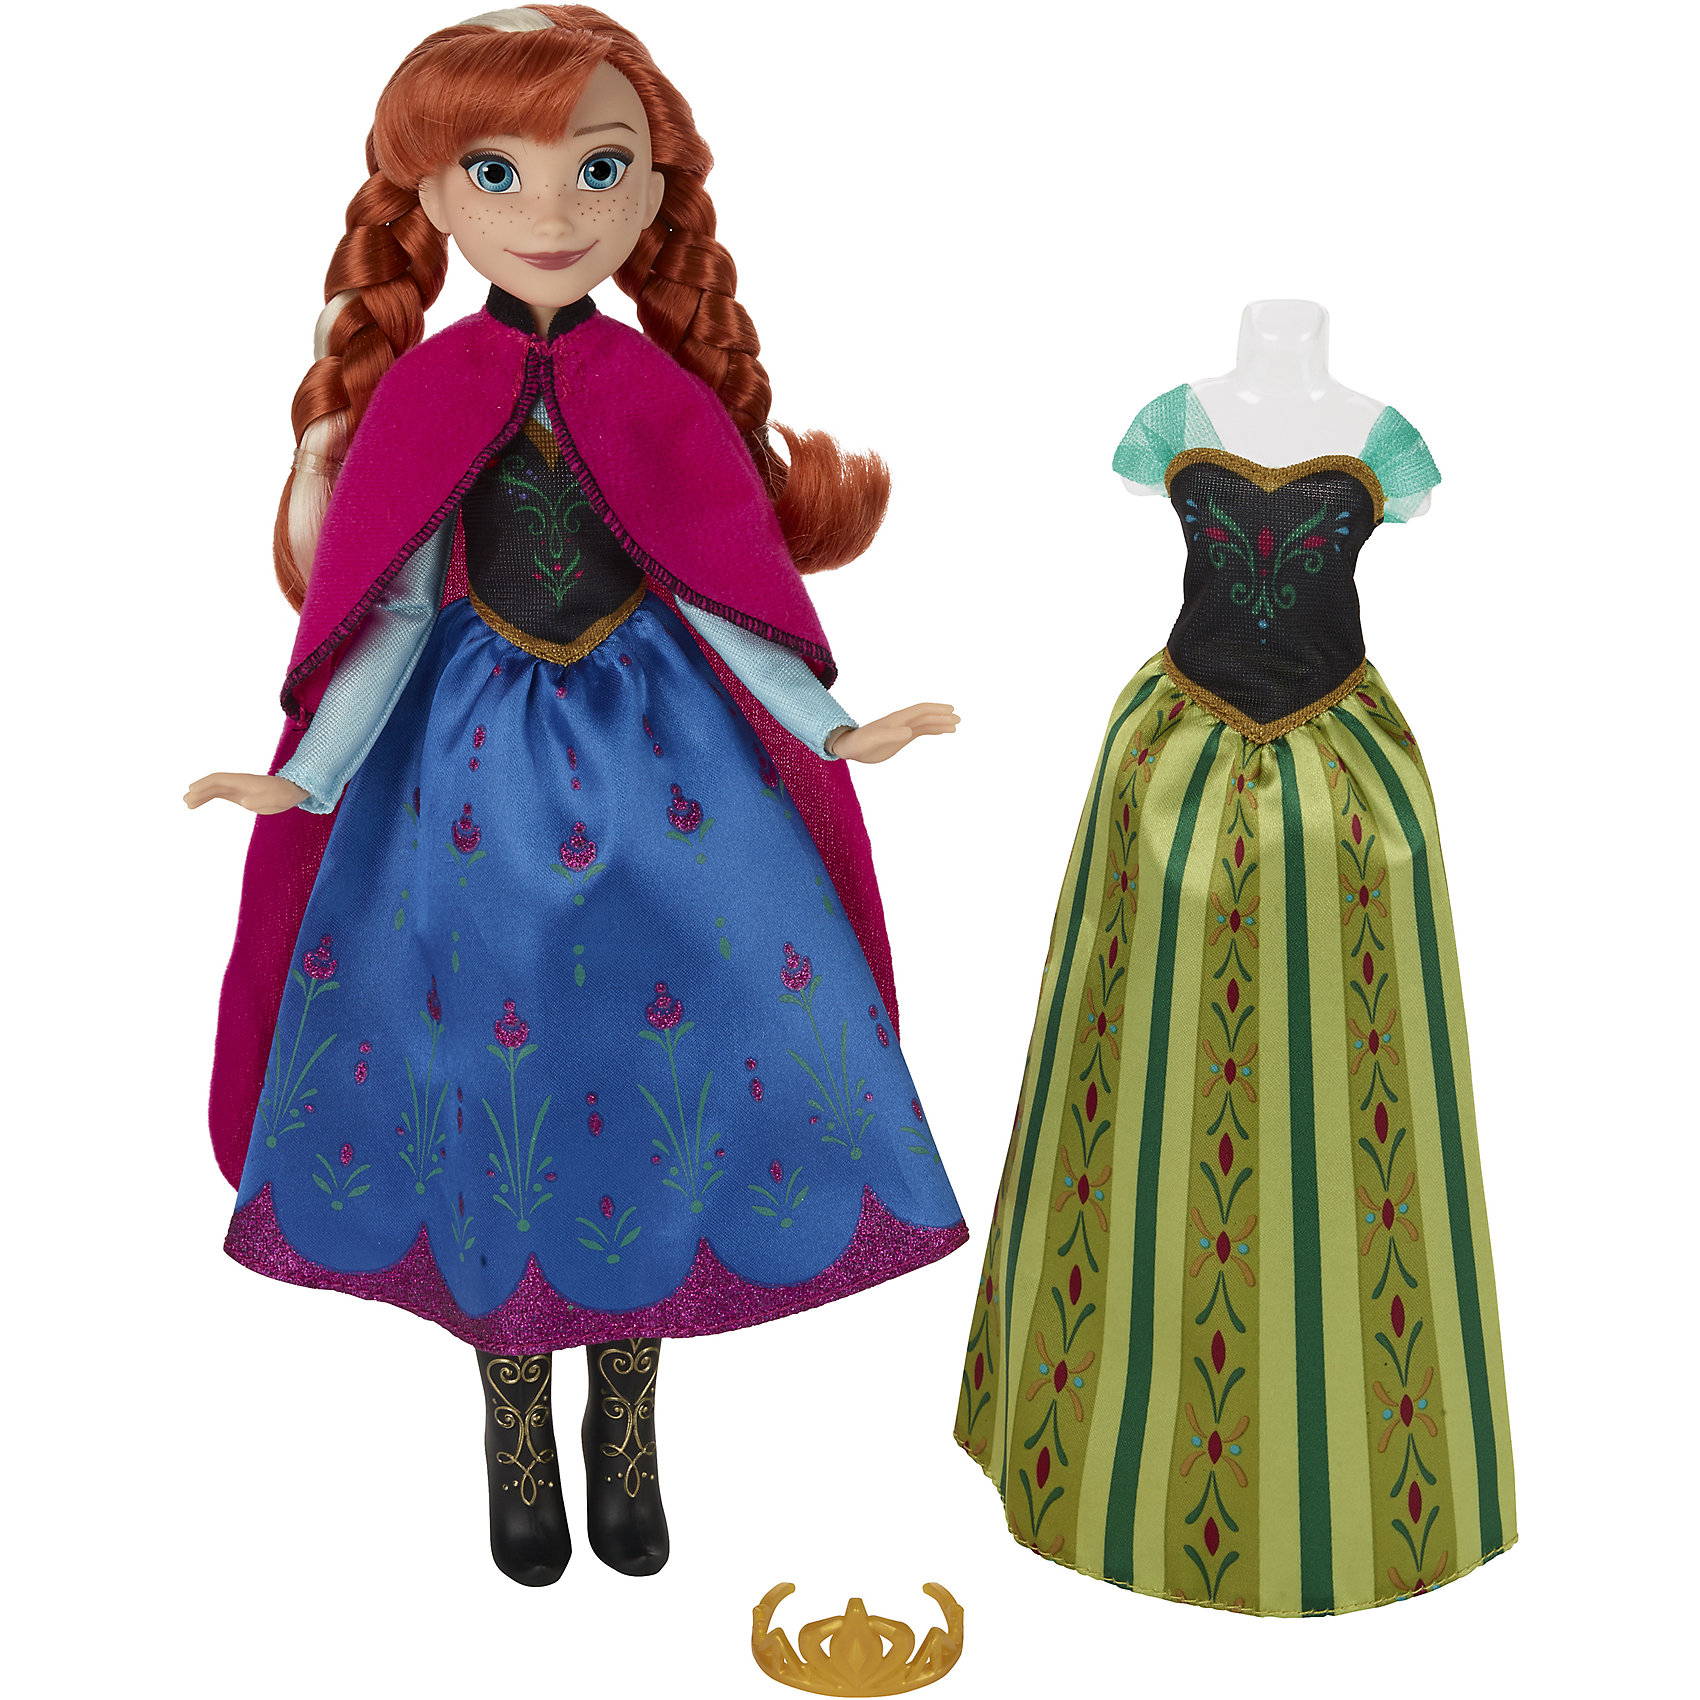 Hasbro Кукла Анна, со сменным нарядом, Холодное сердце настольные игры hasbro операция холодное сердце